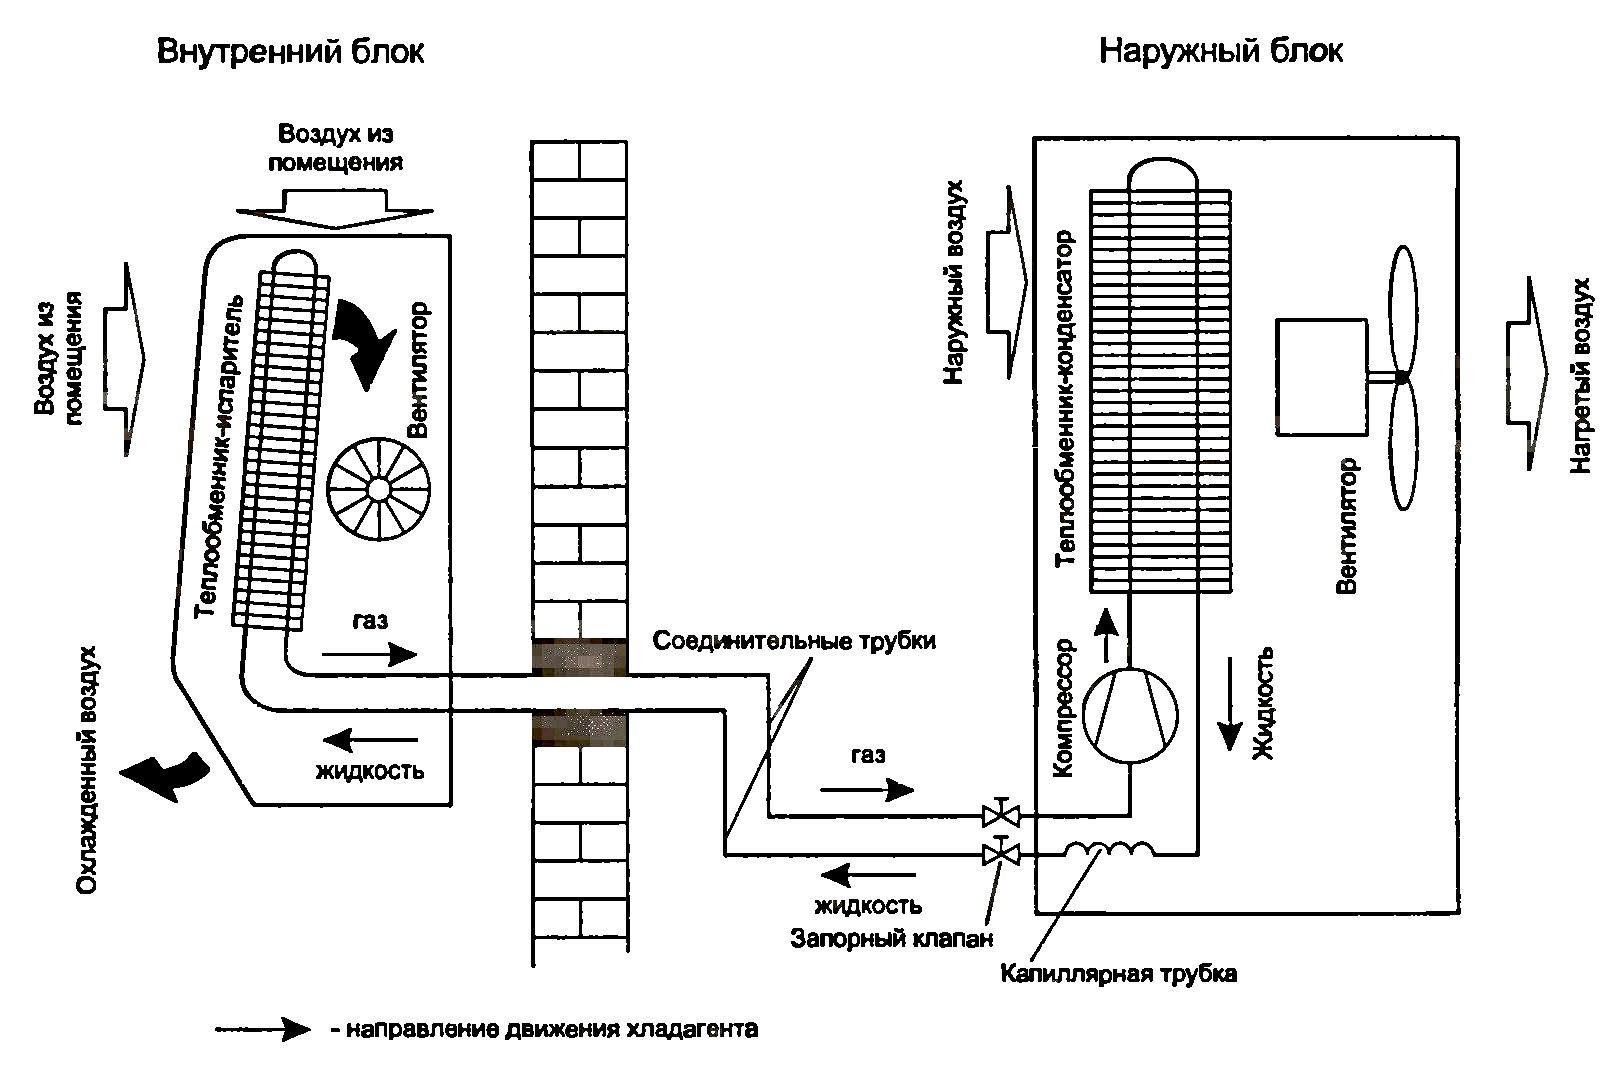 Схема сплит-системы, работающей в режиме охлаждения